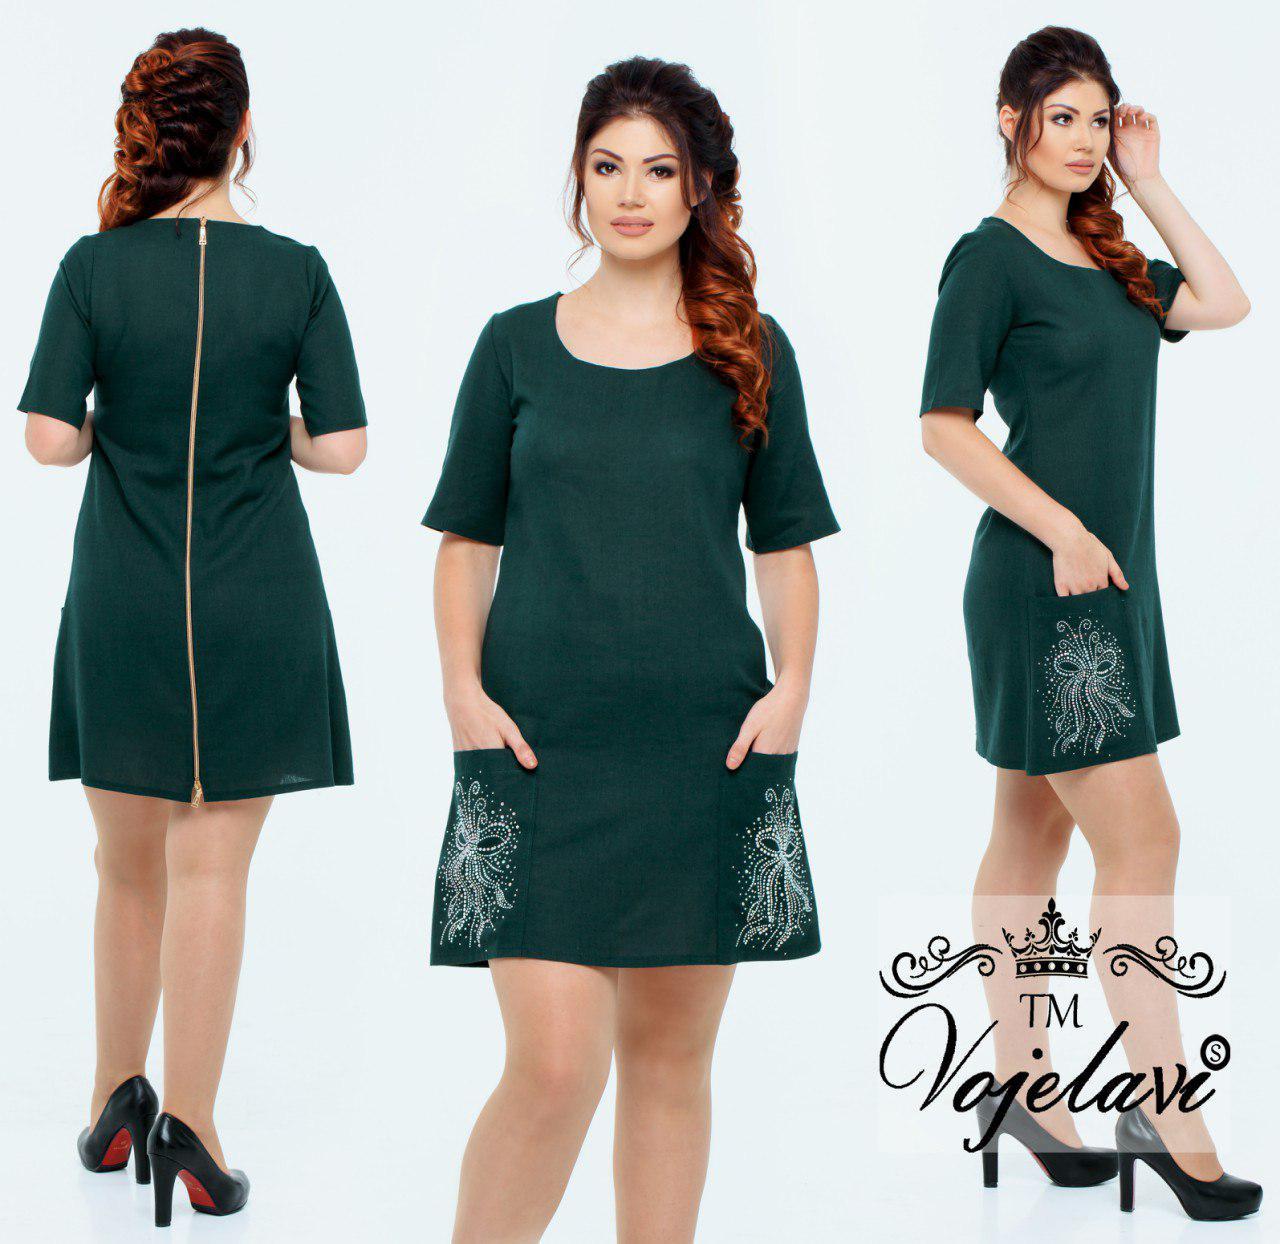 7d8dbaf719e Стильное женское платье с стразами A1066 оптом и в розницу